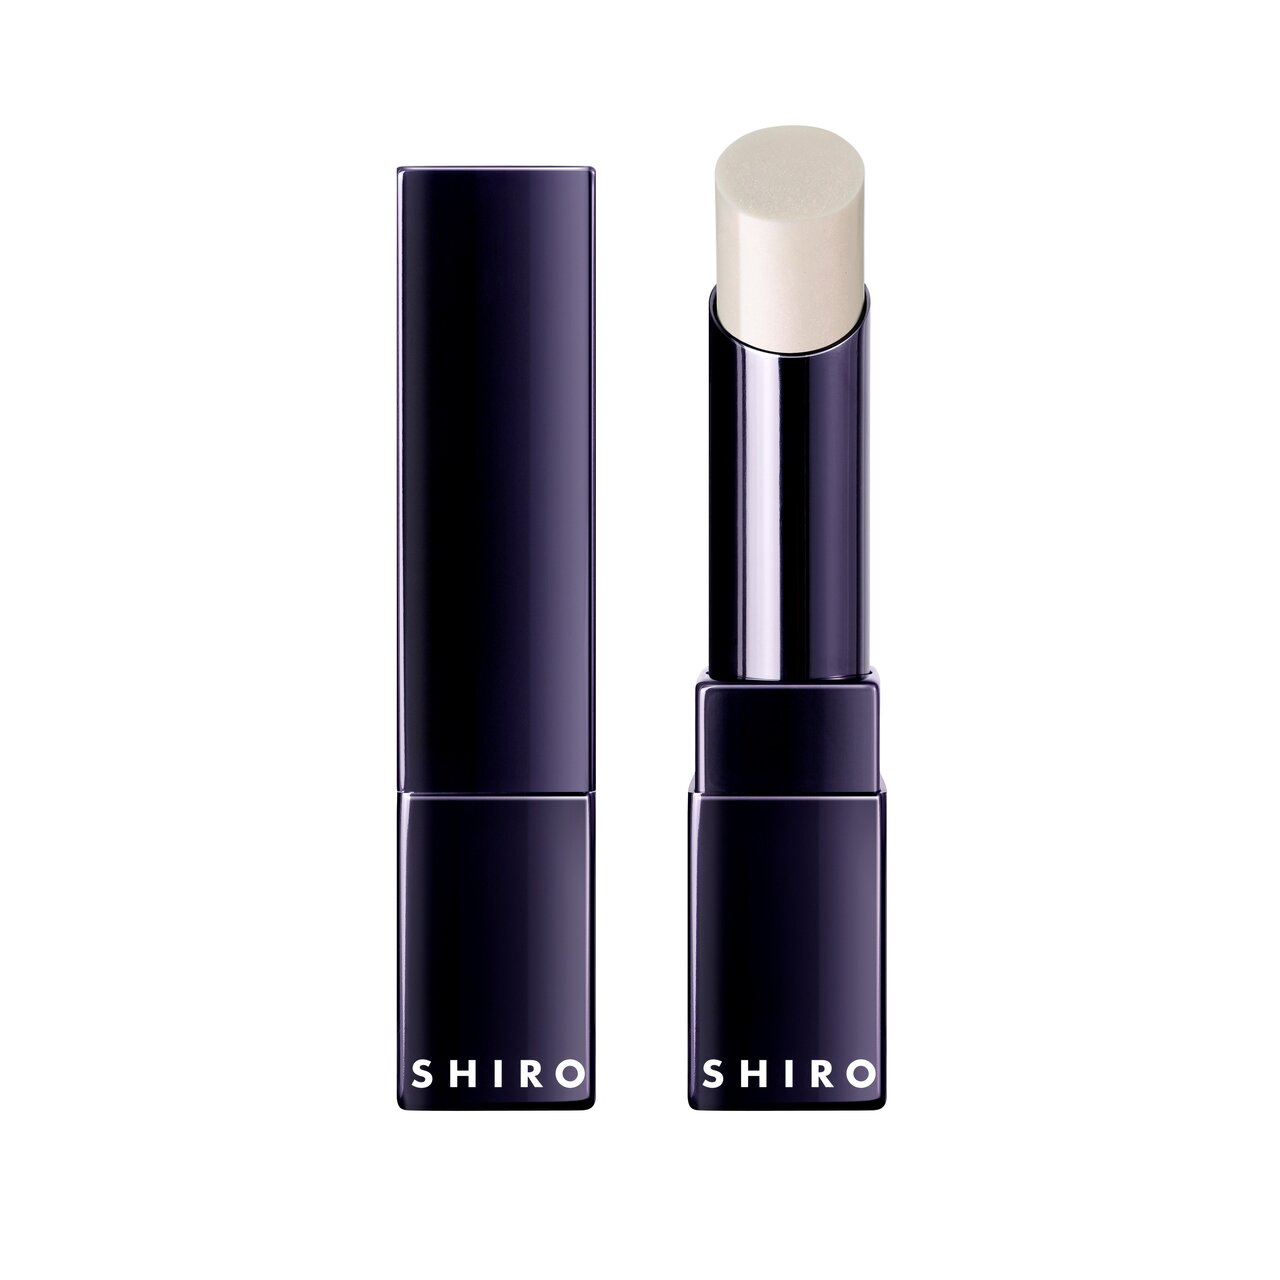 SHIRO(シロ) メイクアップコレクション2021SS/2021春夏新作コスメ「ジンジャーリップカラープライマー」限定色 1A01 ホワイティッシュピンク